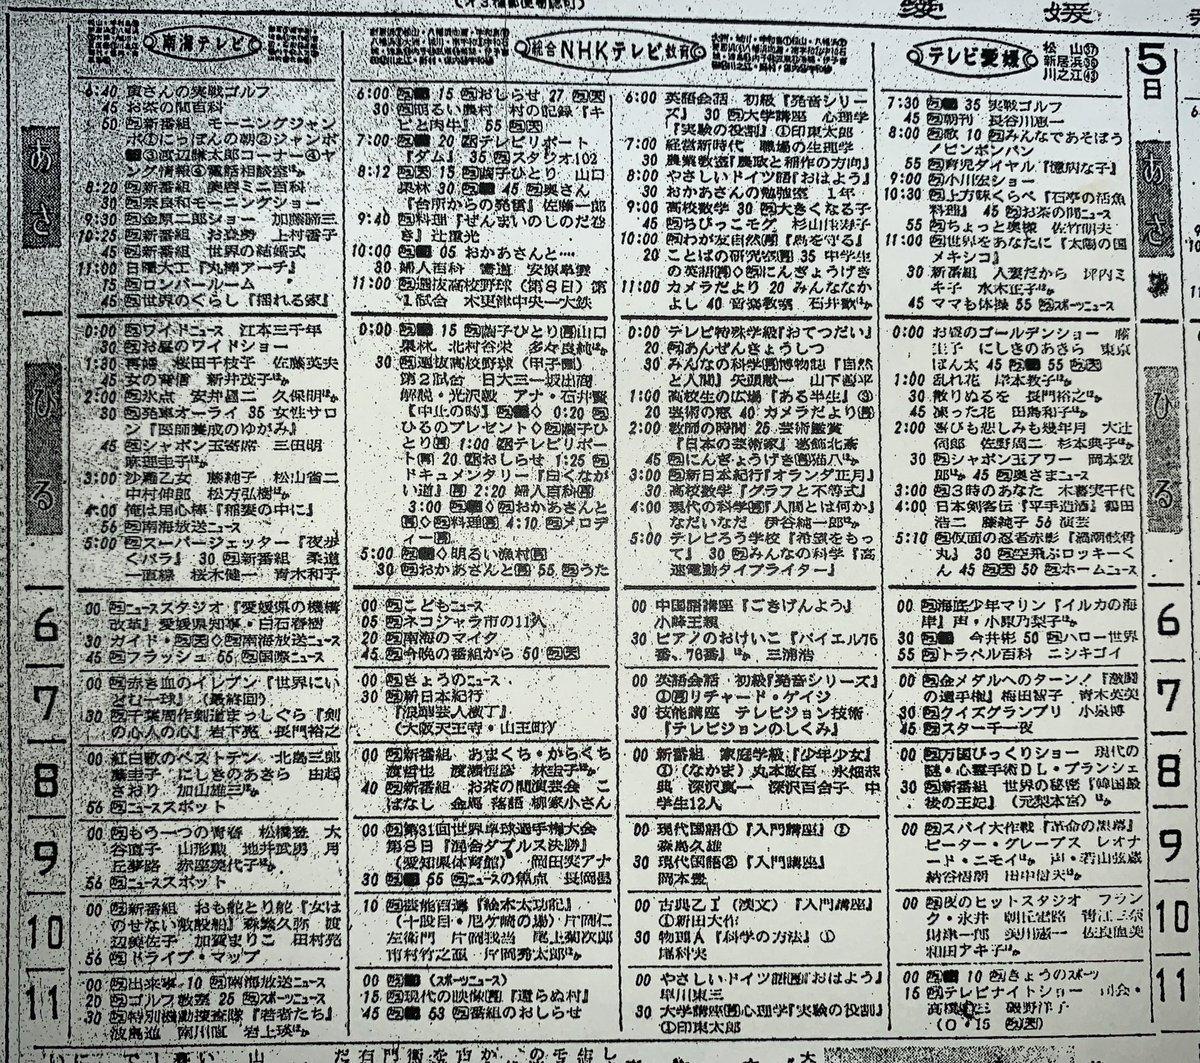 県 テレビ 番組 表 愛媛